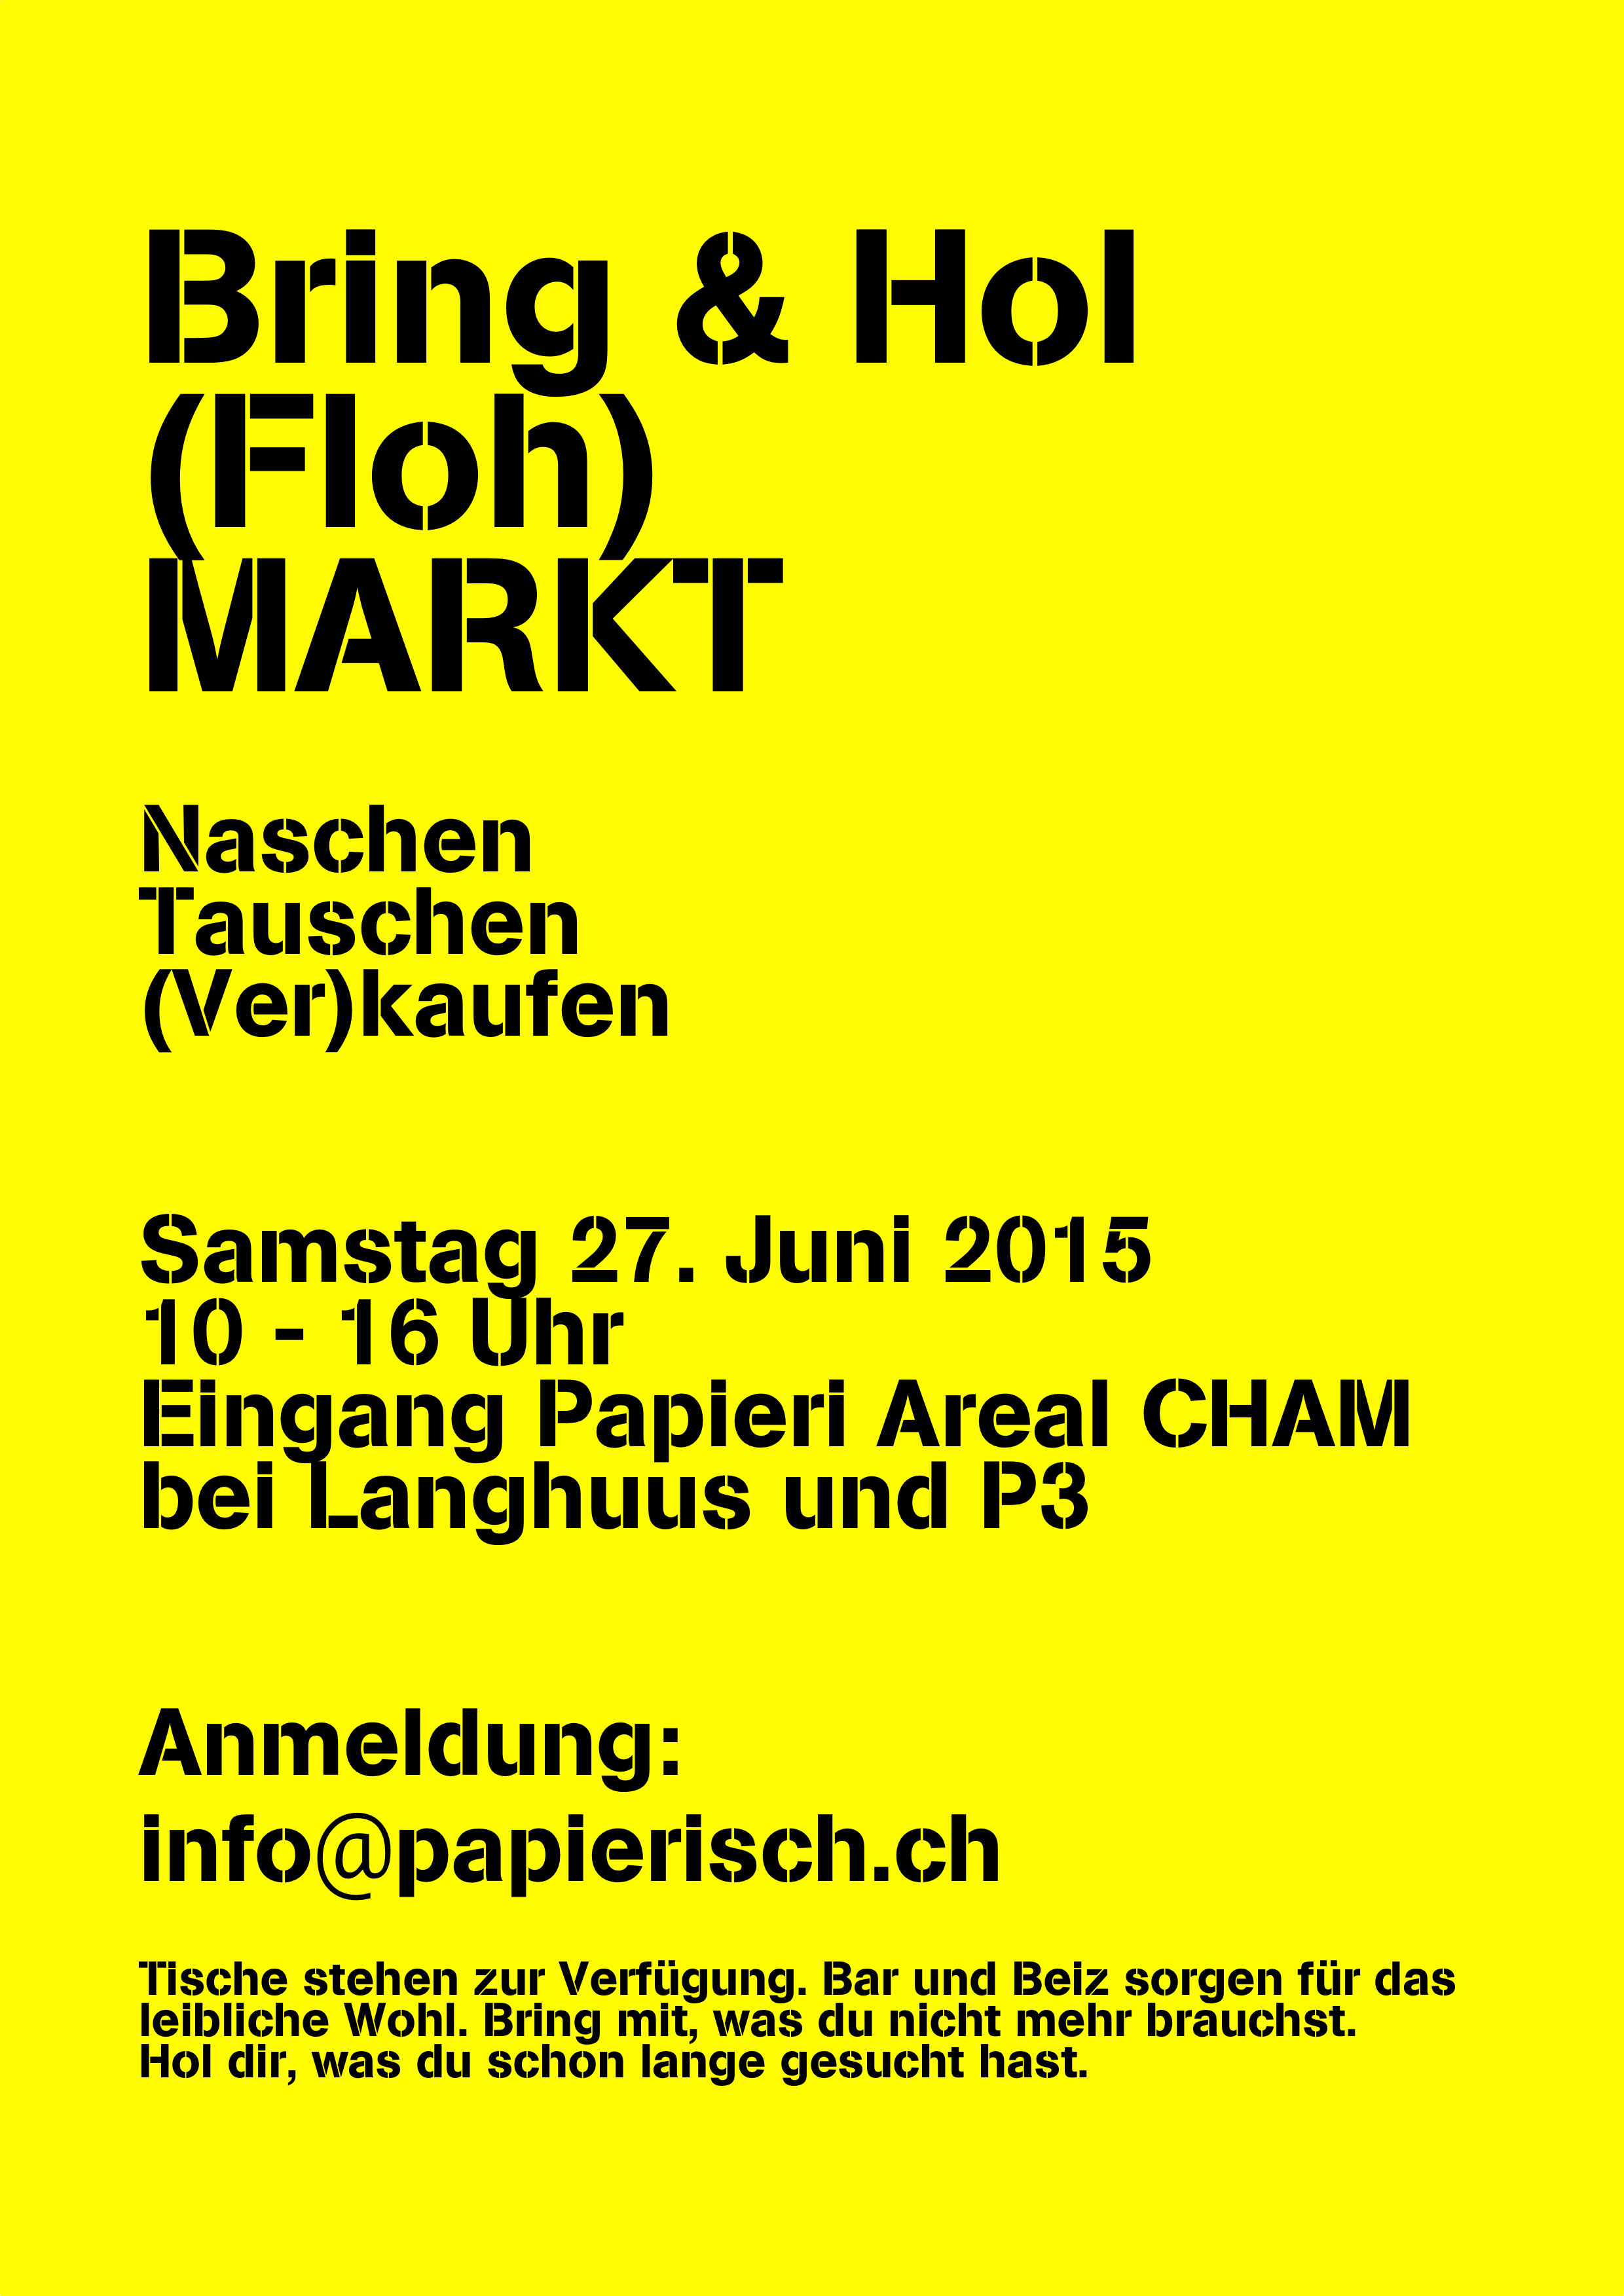 Langhuus Workshop 3 und Flohmarkt